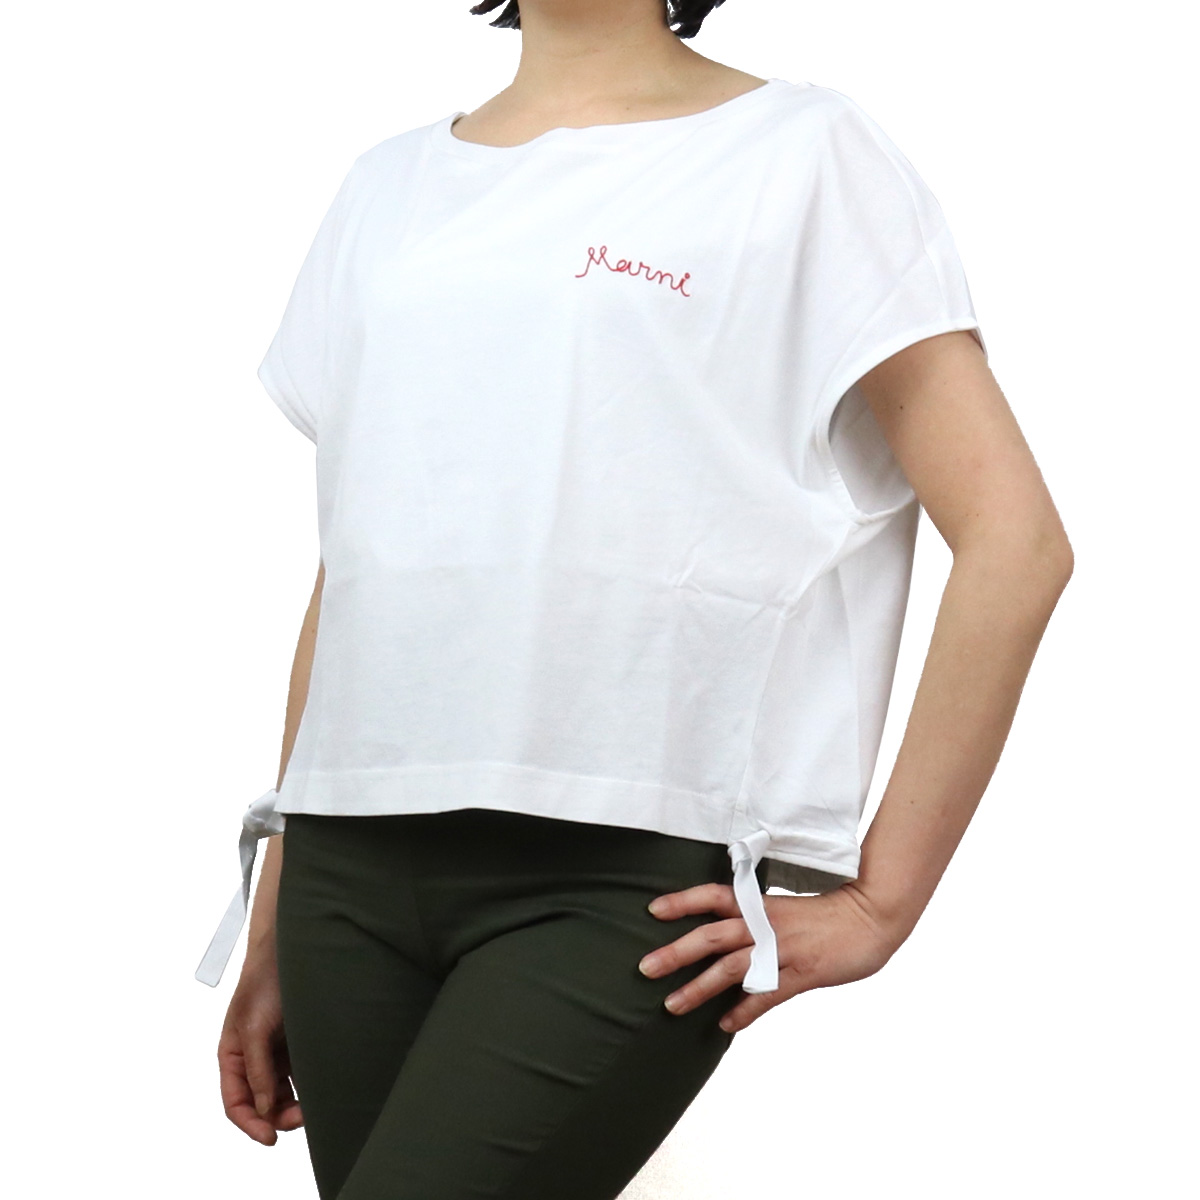 ※ 送料無料 低廉 ラッピング無料 2021春夏新作 贈呈 マルニ MARNI レディース-Tシャツ THJE0050MX UTCZ57 bos-22 レディース apparel-01 ts-01 ホワイト系 00W01